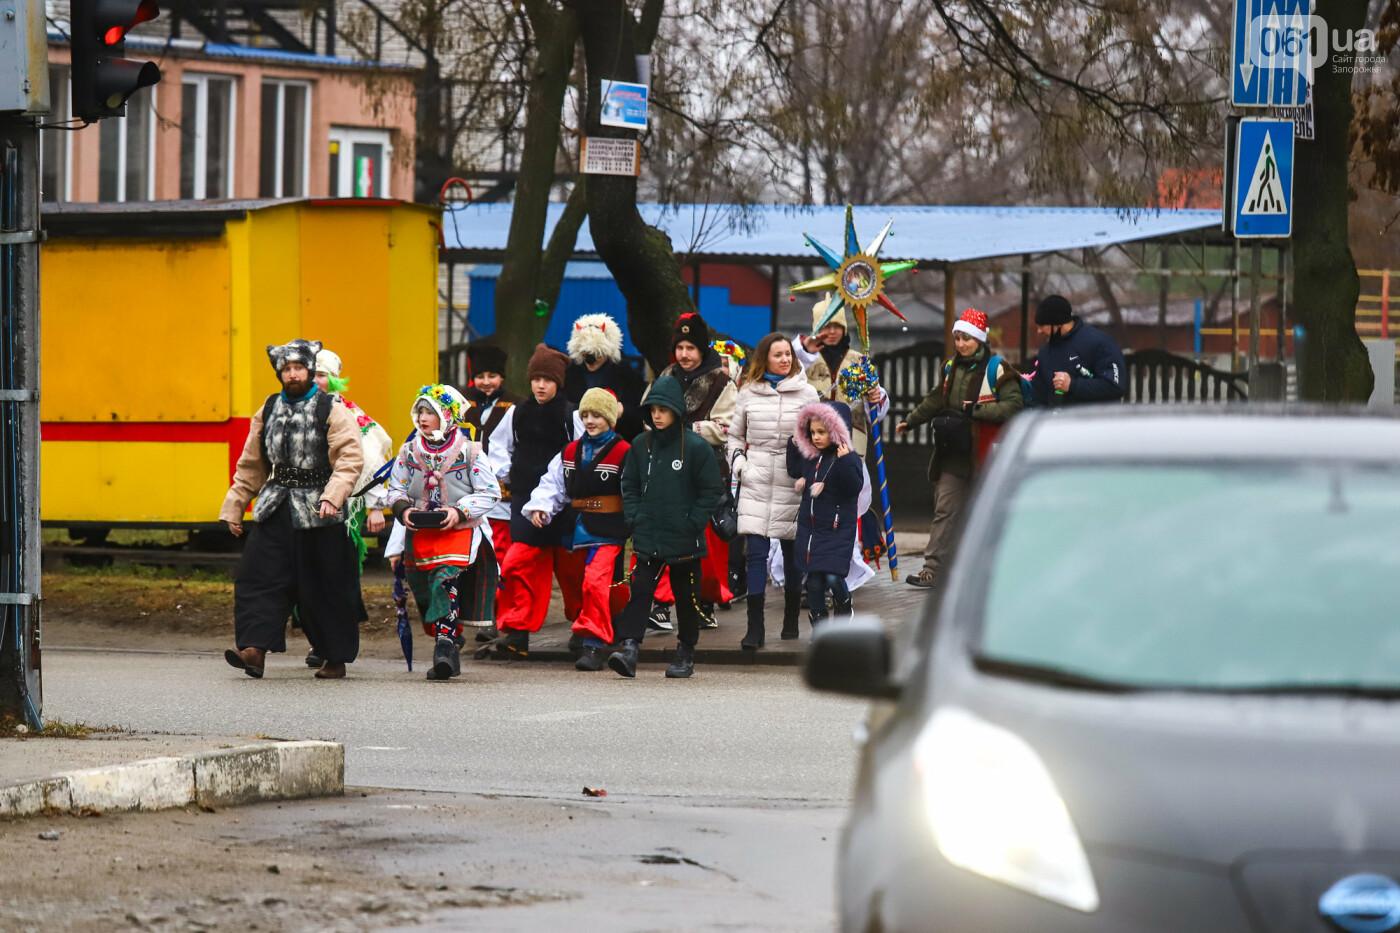 Нечистая сила против казаков: на улицах Запорожья показывали Рождественский вертеп, - ФОТО, ВИДЕО  , фото-1